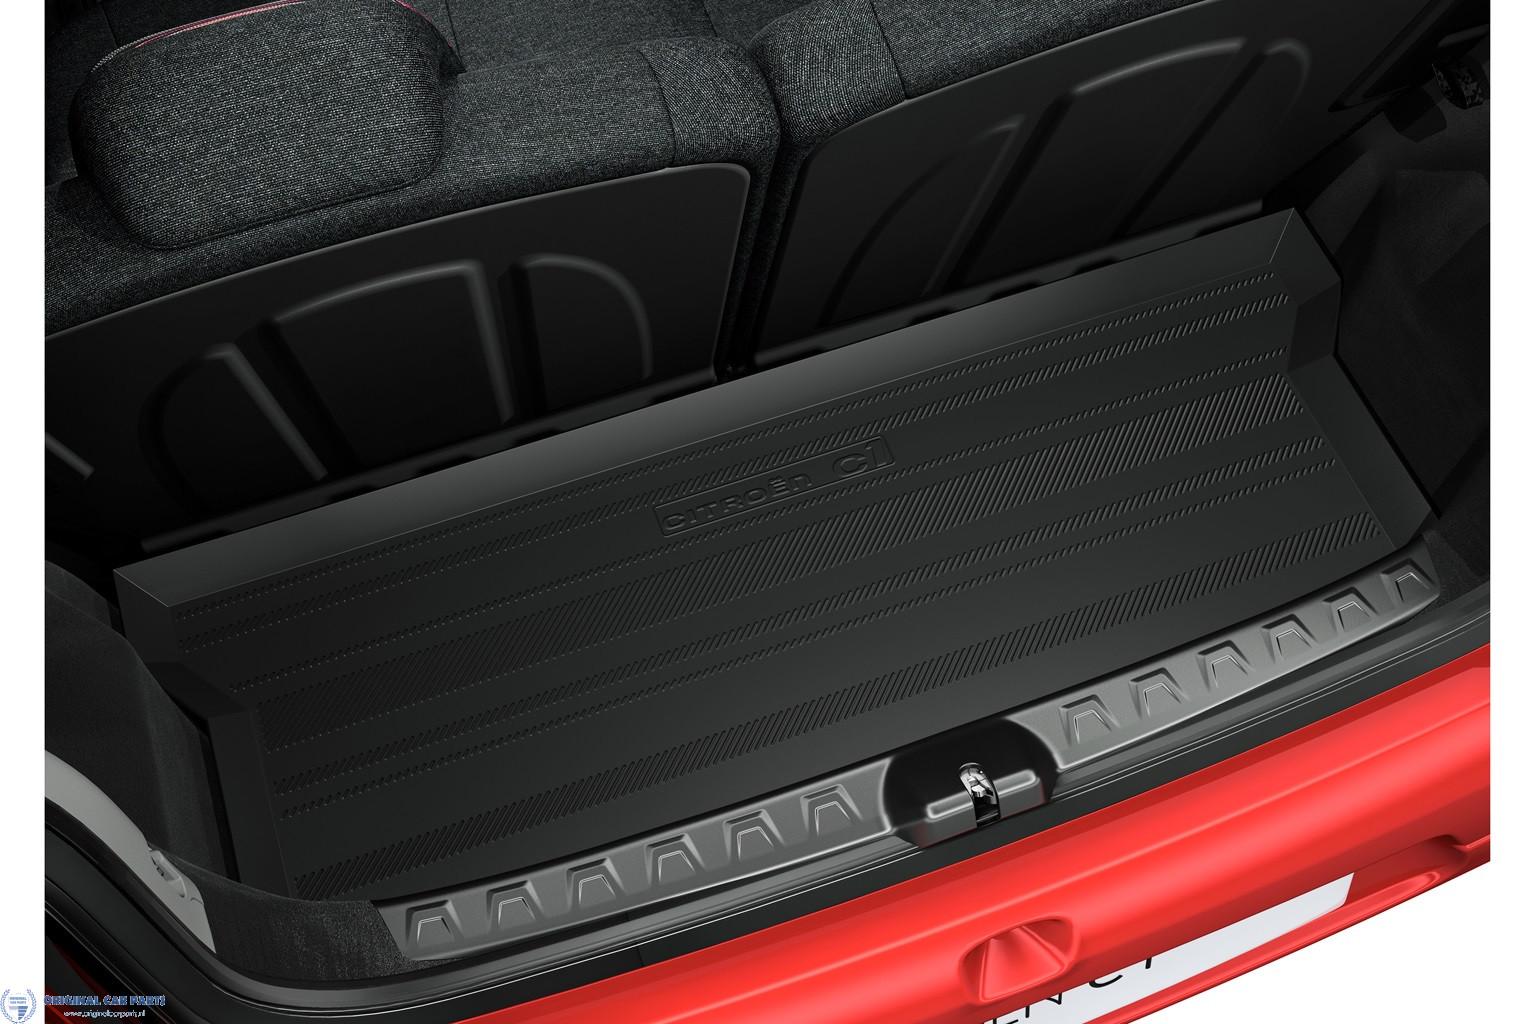 1610871780 Citroën C1 inzetbak